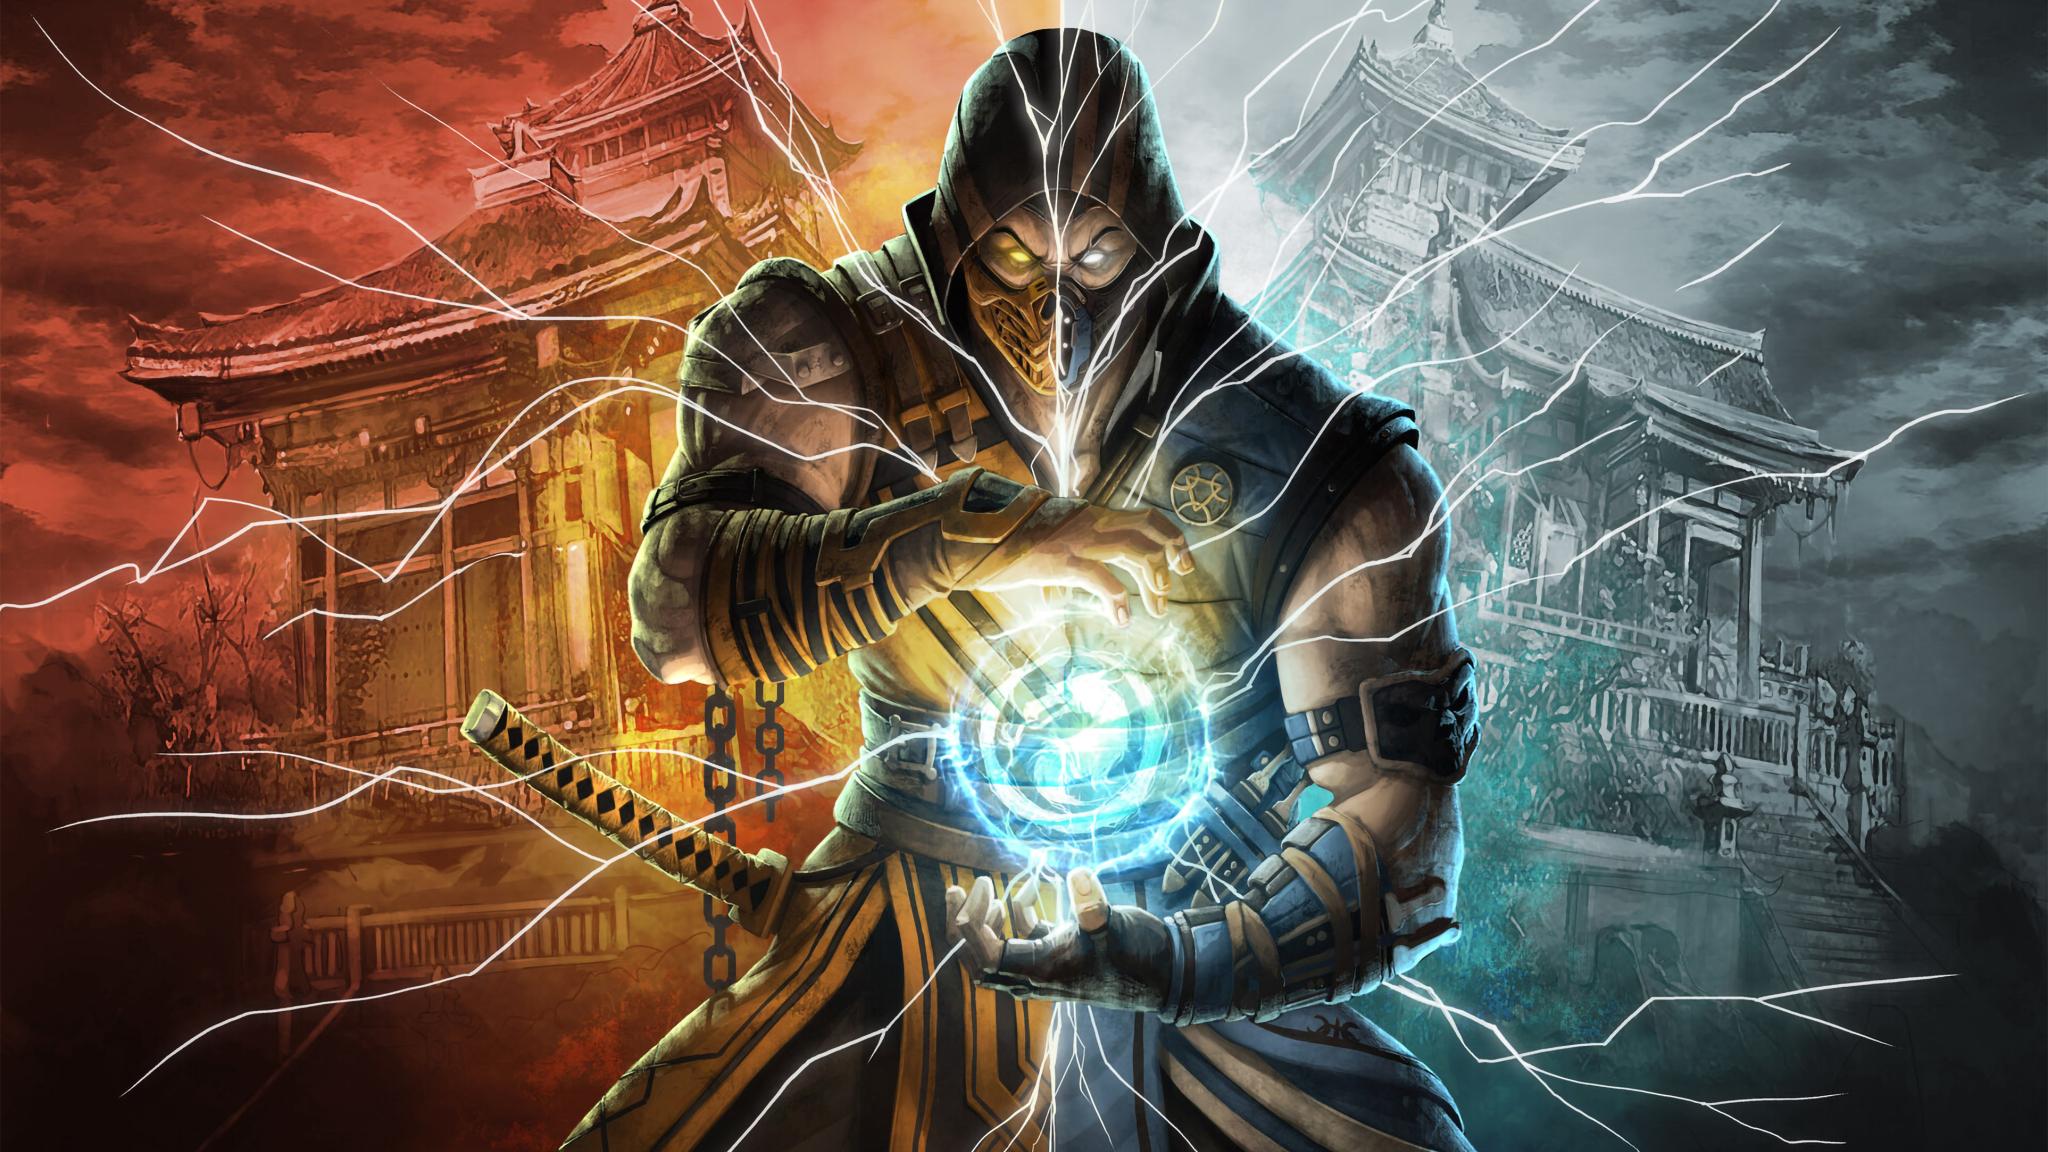 2048x1152 Mortal Kombat 11 2048x1152 Resolution Wallpaper ...